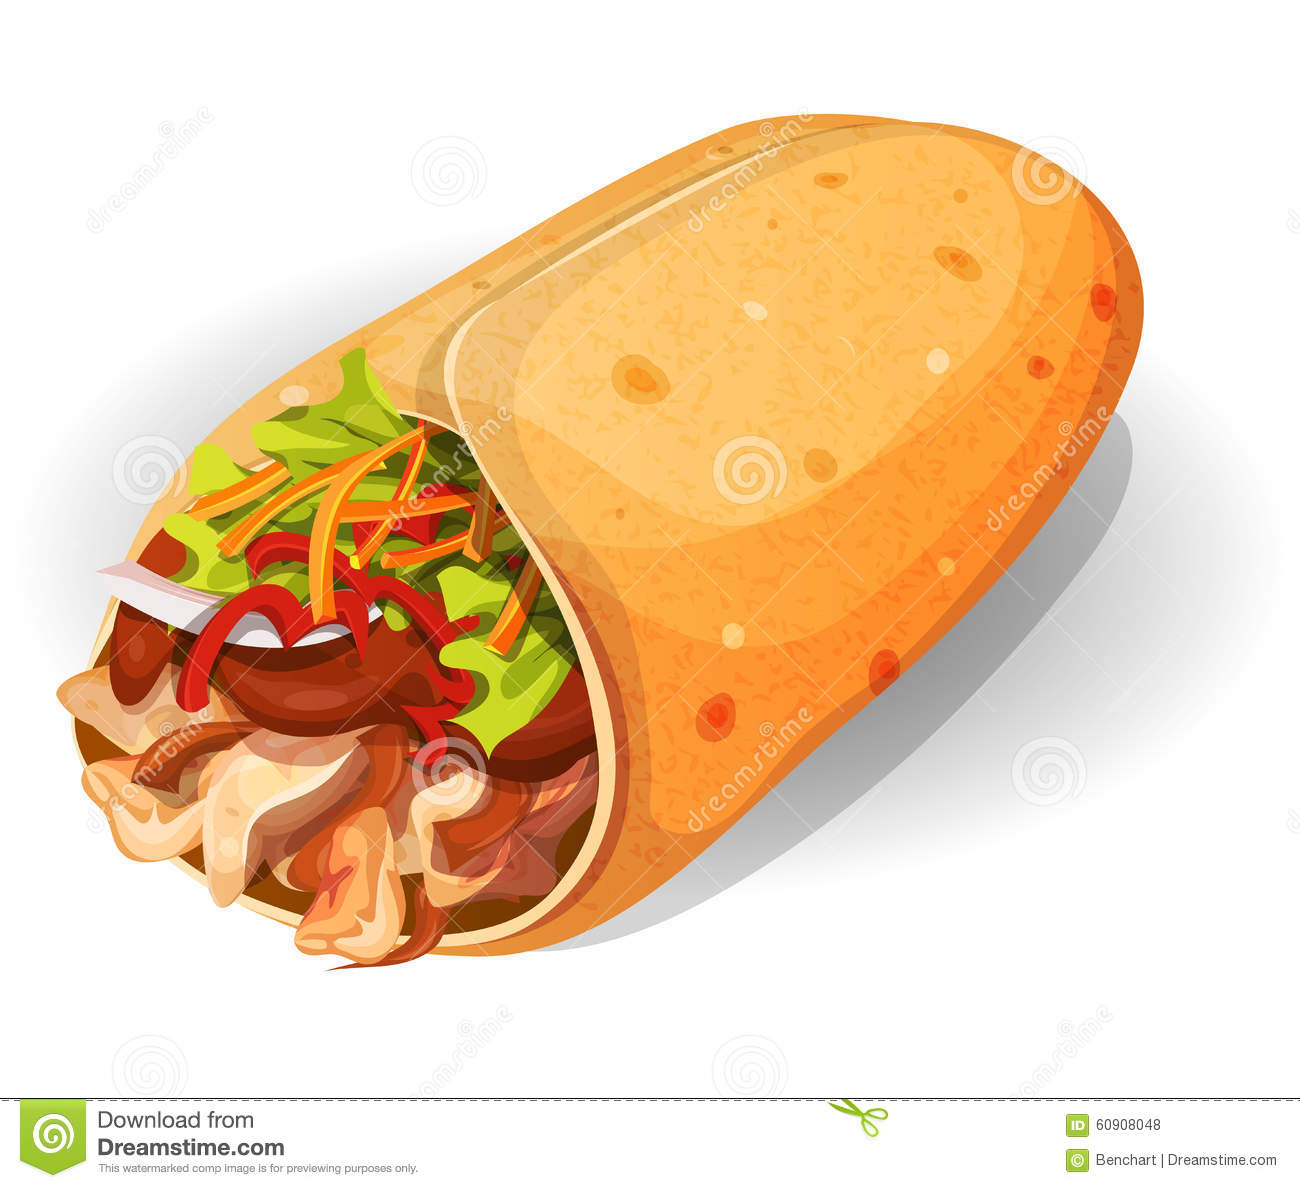 Burrito clipart free download on scubasanmateo.